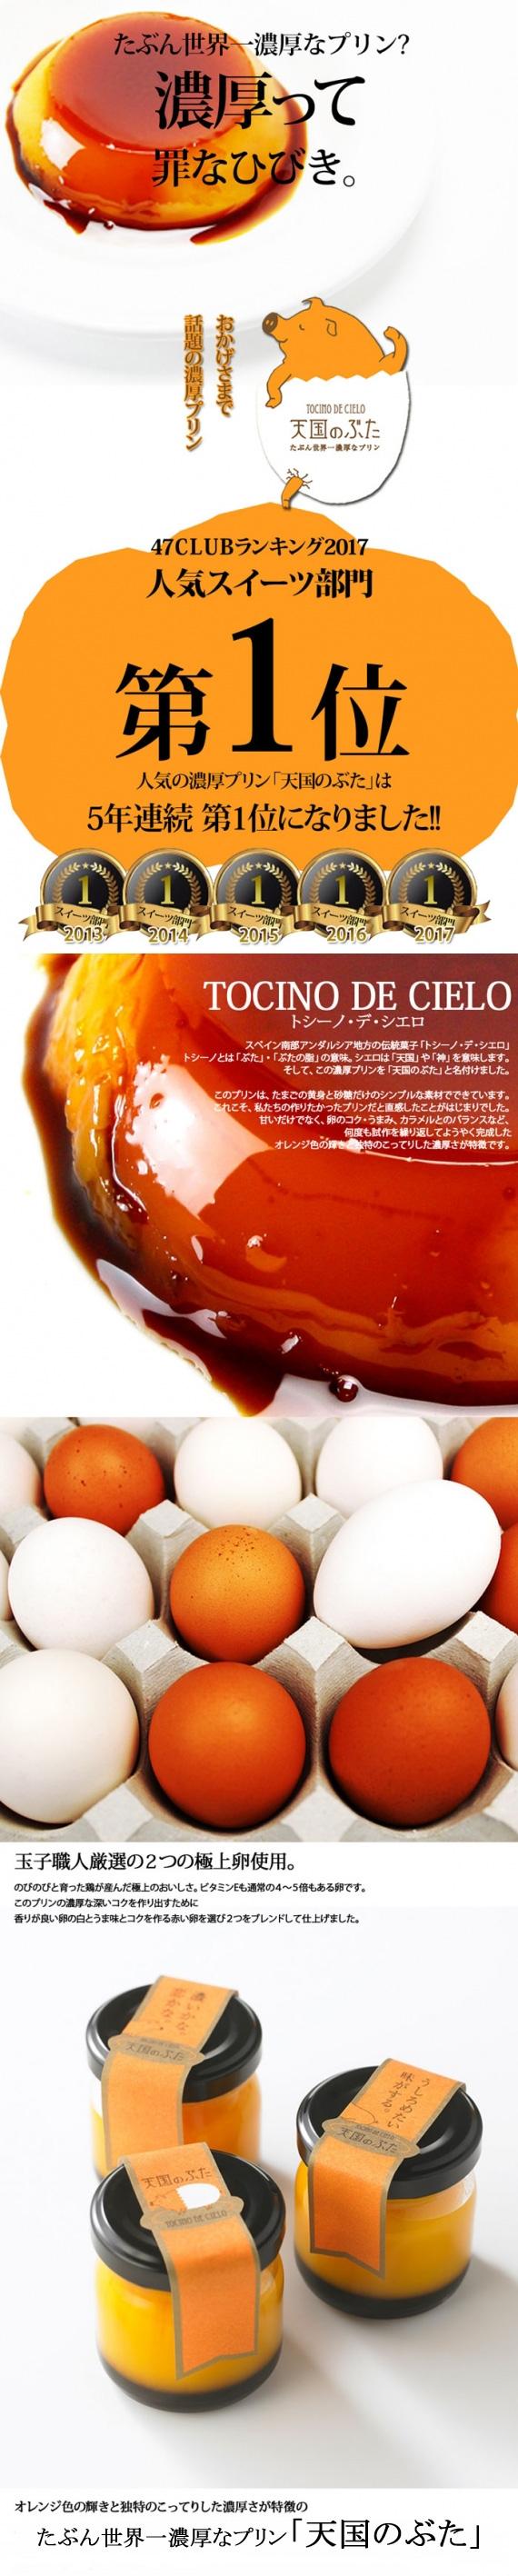 うっとりプレミアムセット(手焼玉子ハーフ&ふあふあシフォンたまご・シルク&天国のぶた(4個入))